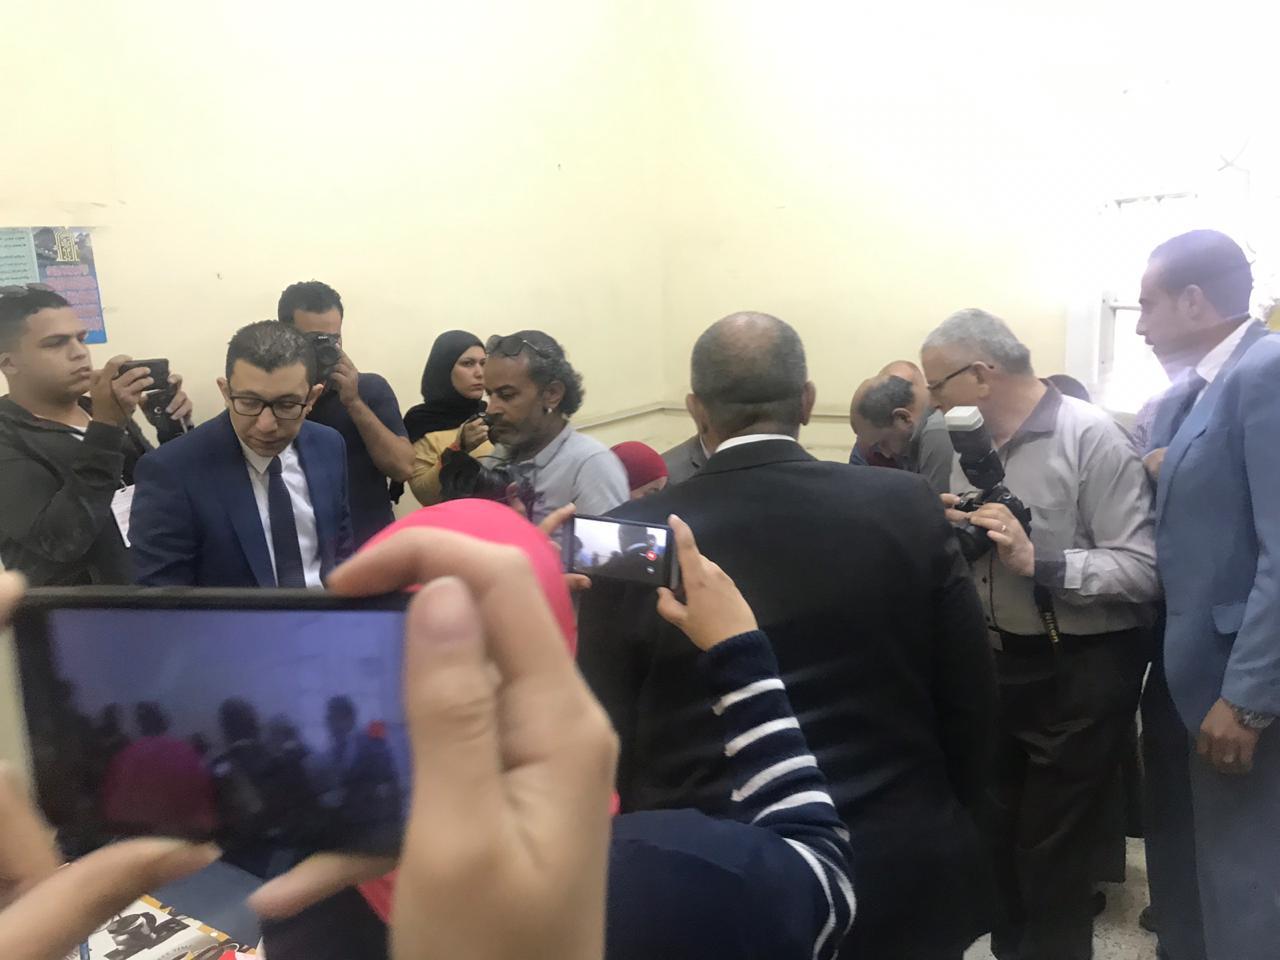 وزير الزراعة يدلى بصوته فى الاستفتاء (3)